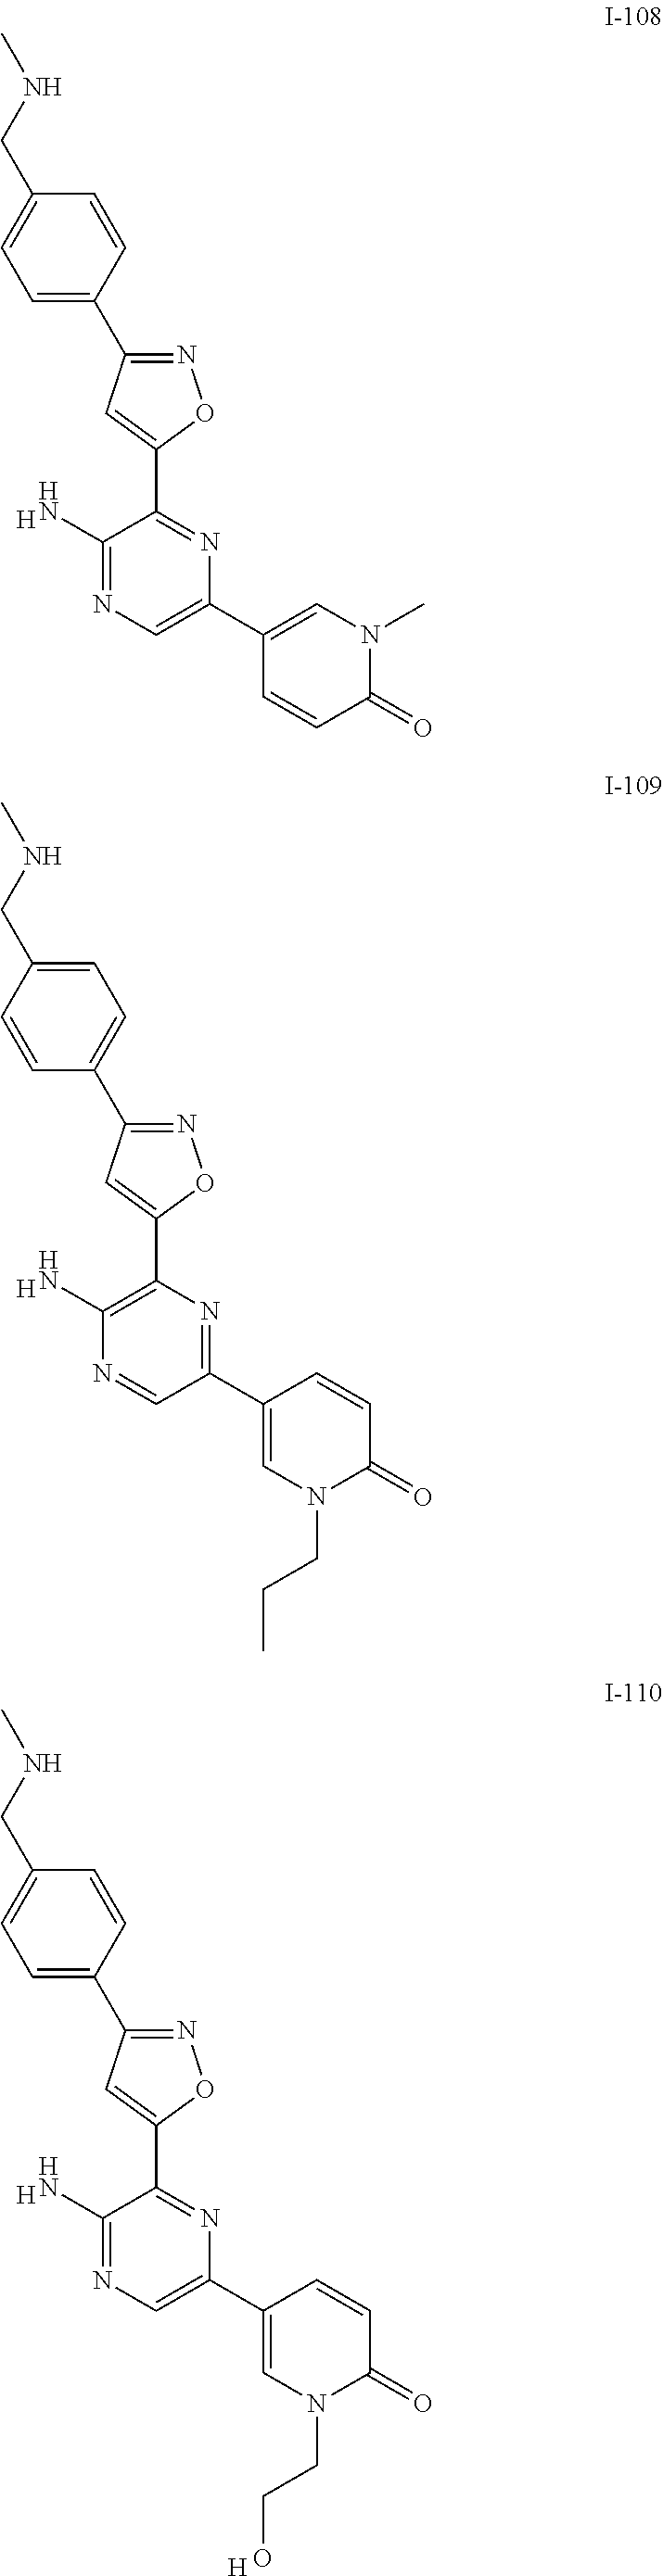 Figure US09630956-20170425-C00254